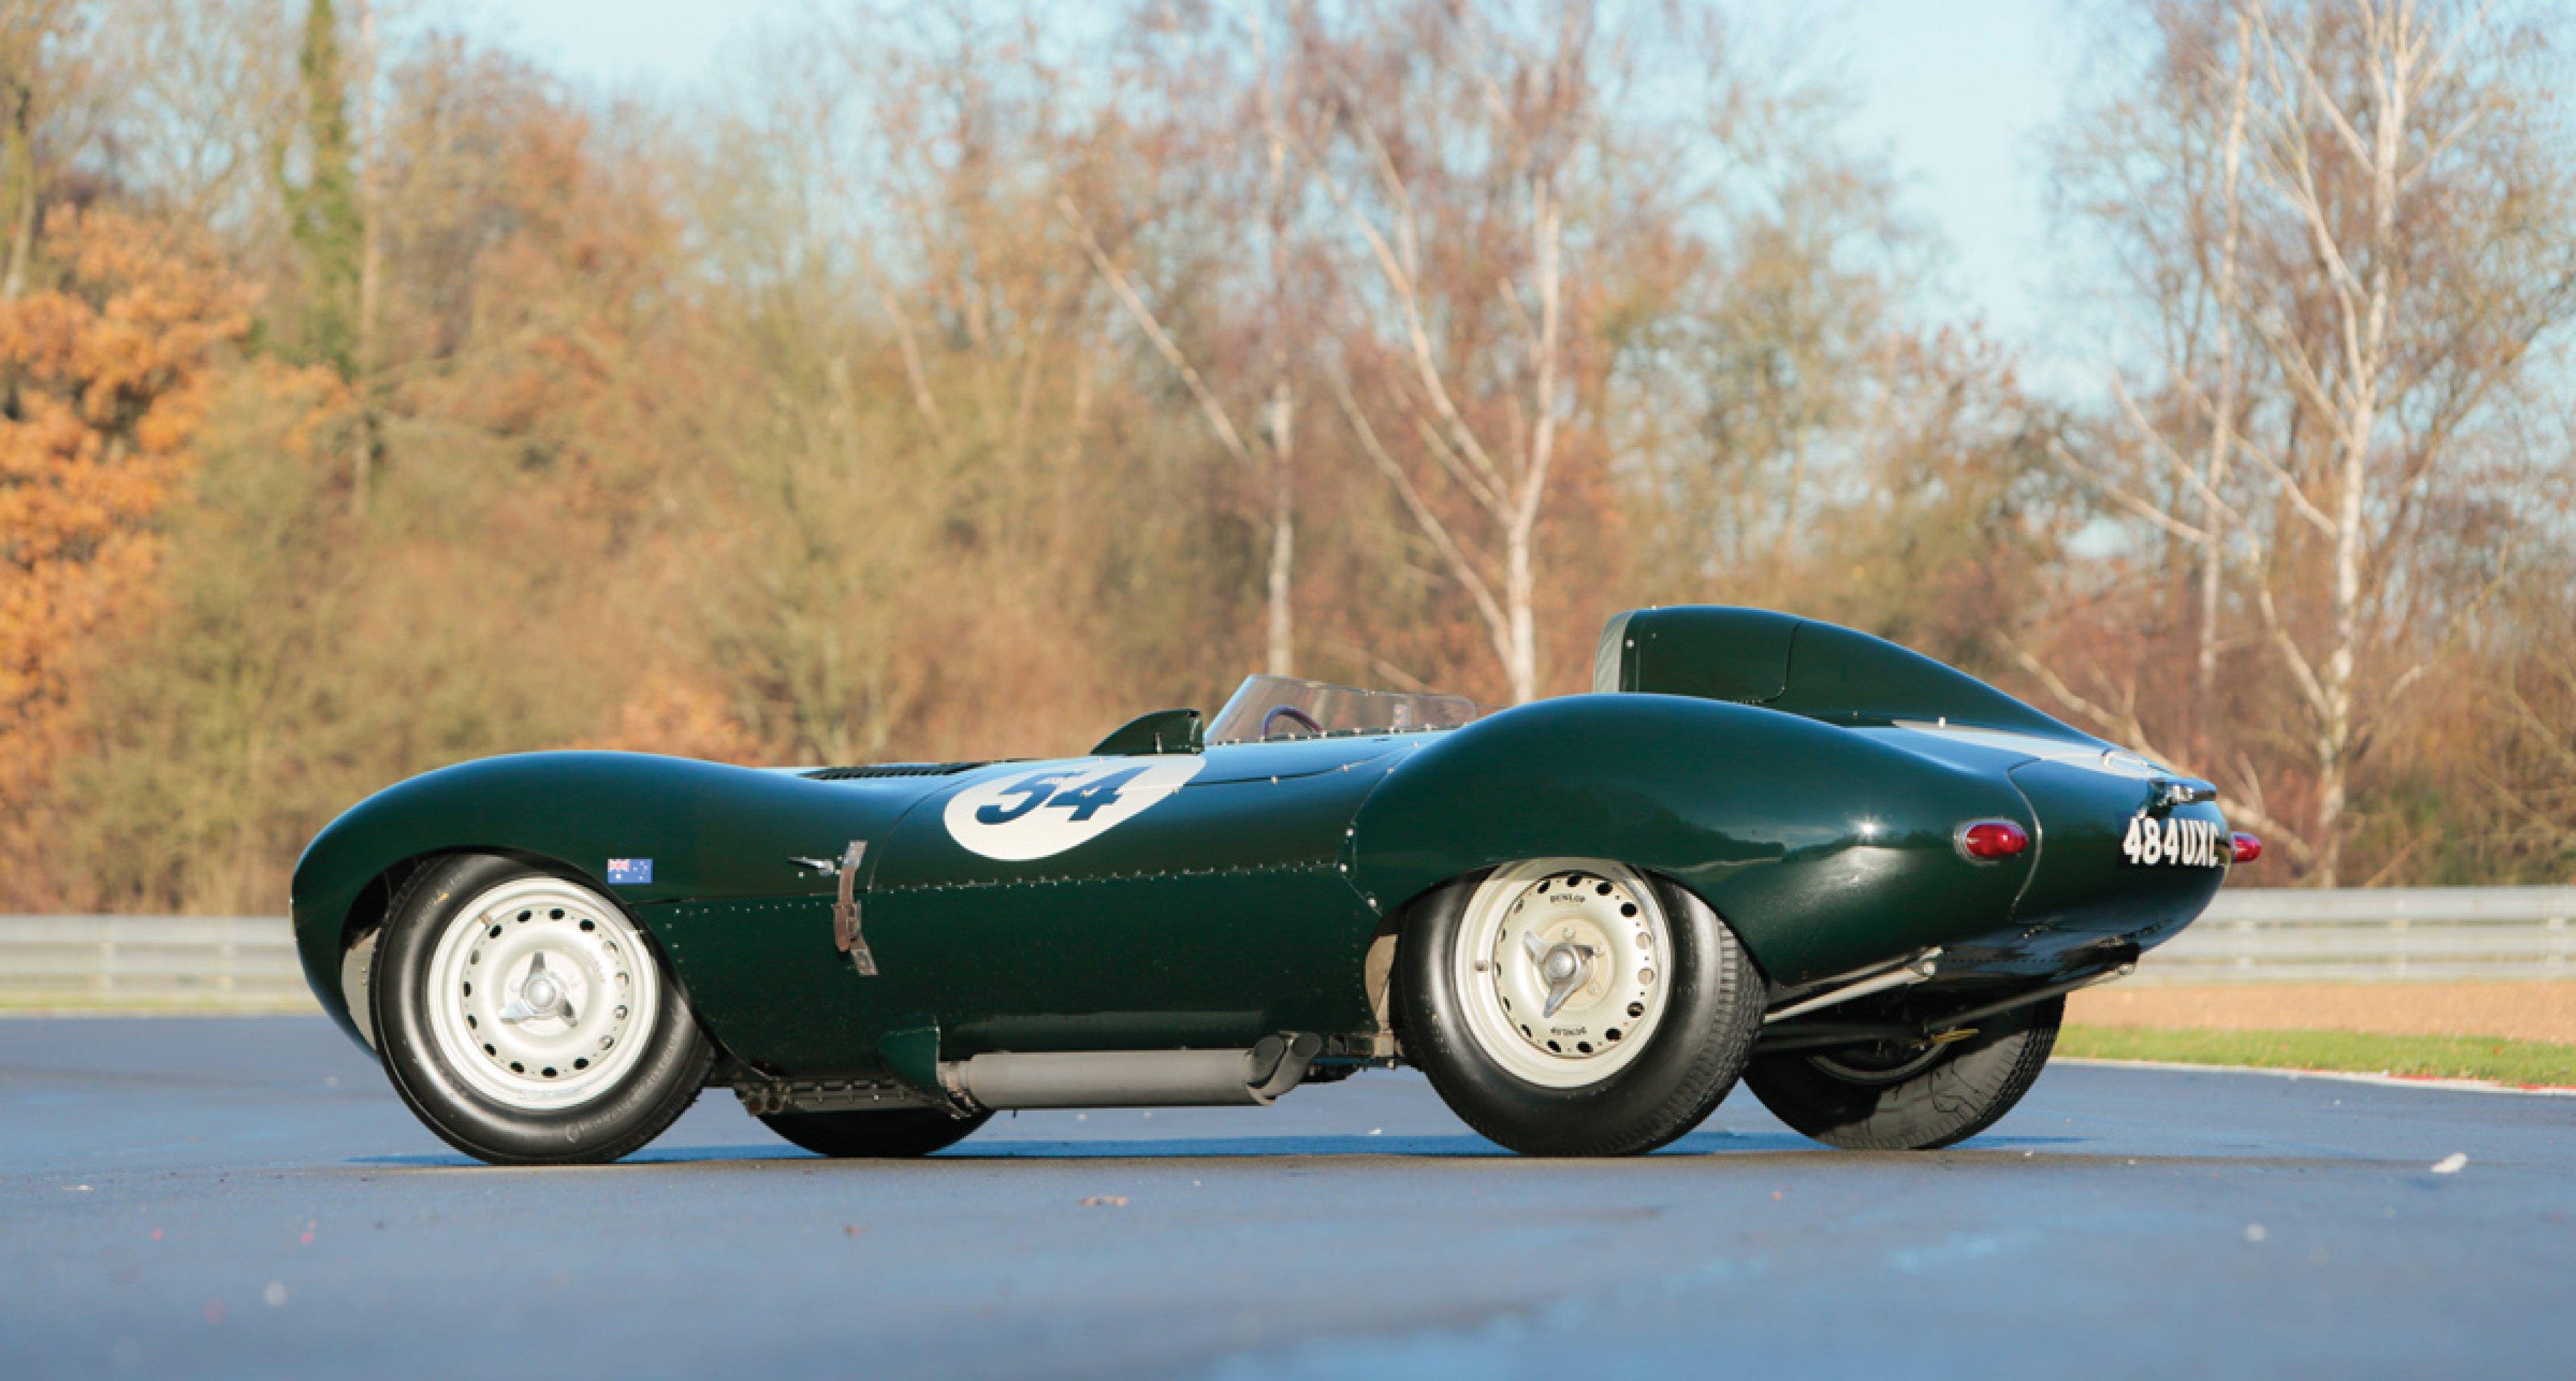 Lot 30: 1955 Jaguar D-Type € 4.100.000 - 4.700.000